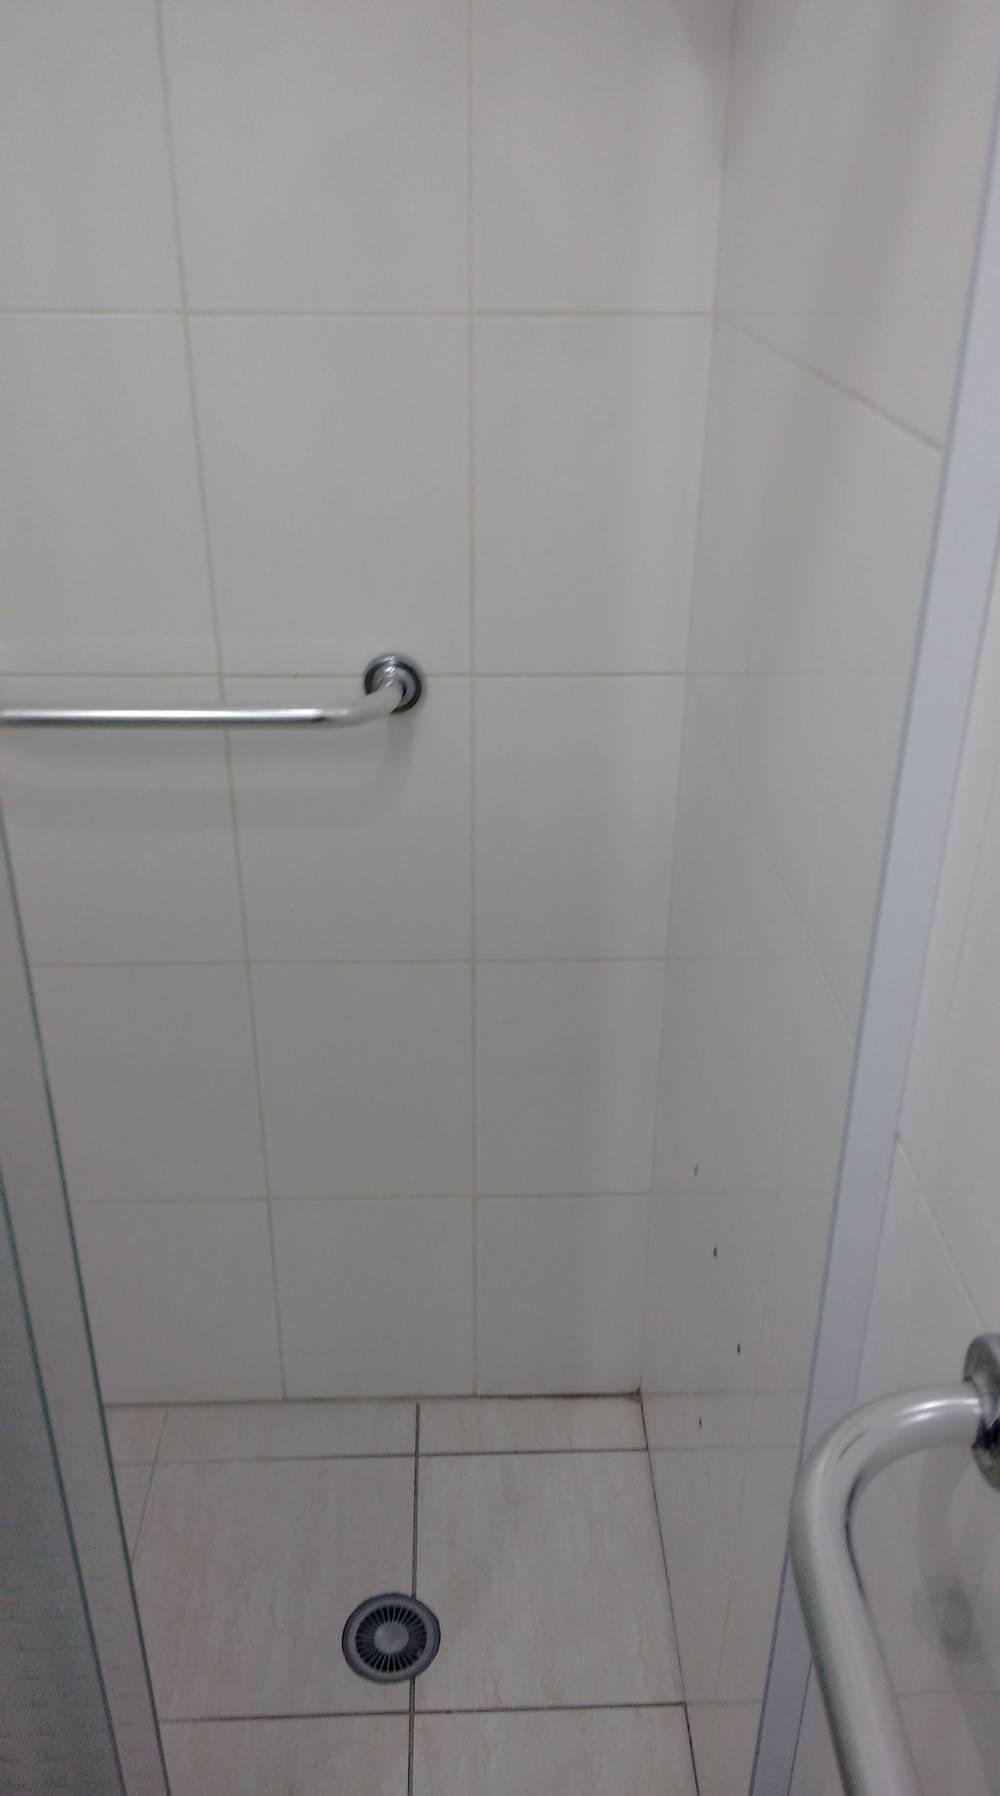 Serviço de Pequenos Reparos Residenciais no Ipiranga - Reparos Residenciais na Zona Leste